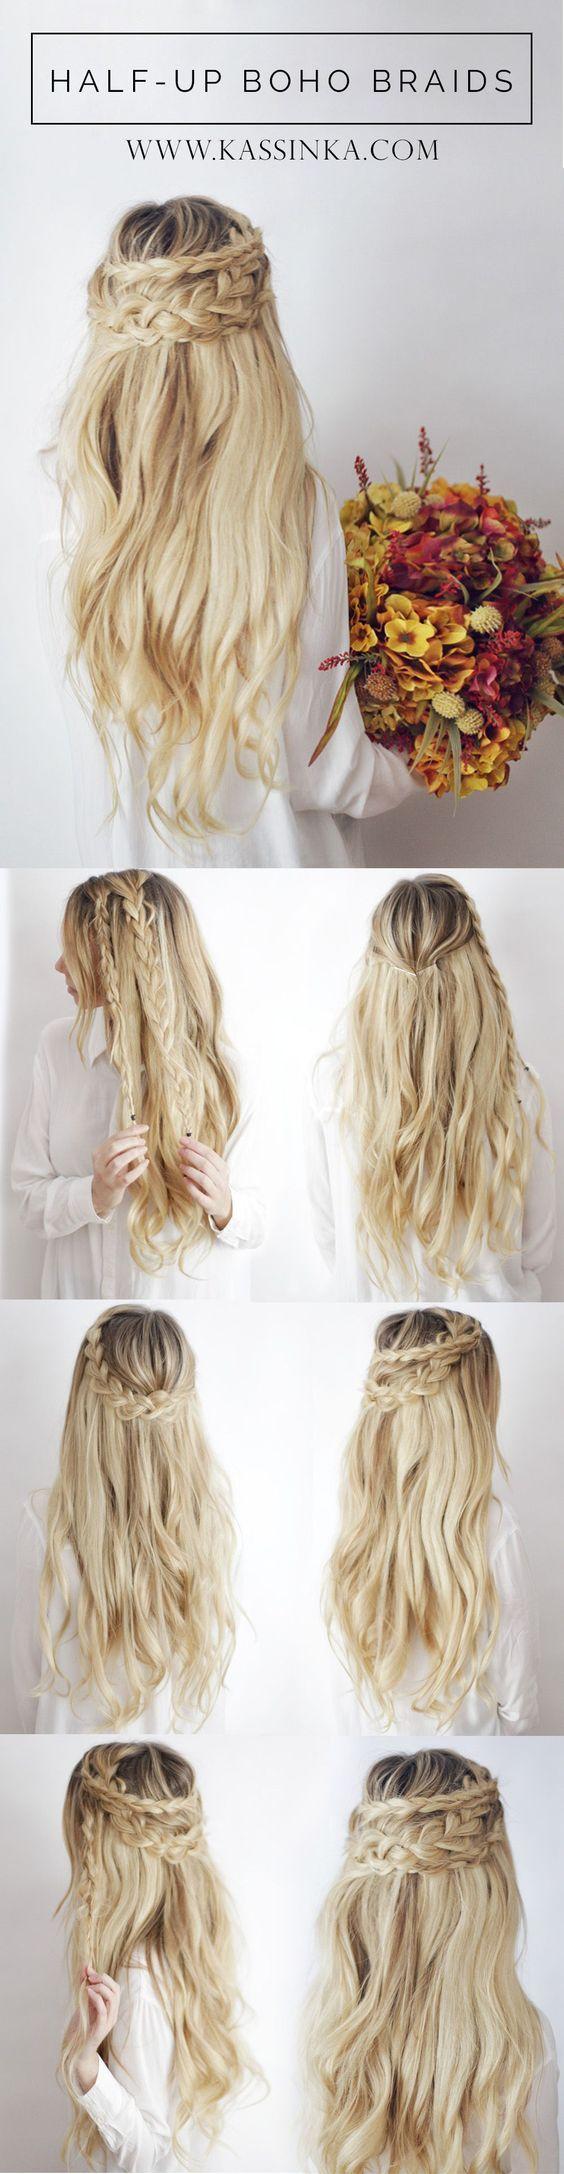 half-up boho braids bridal hair: